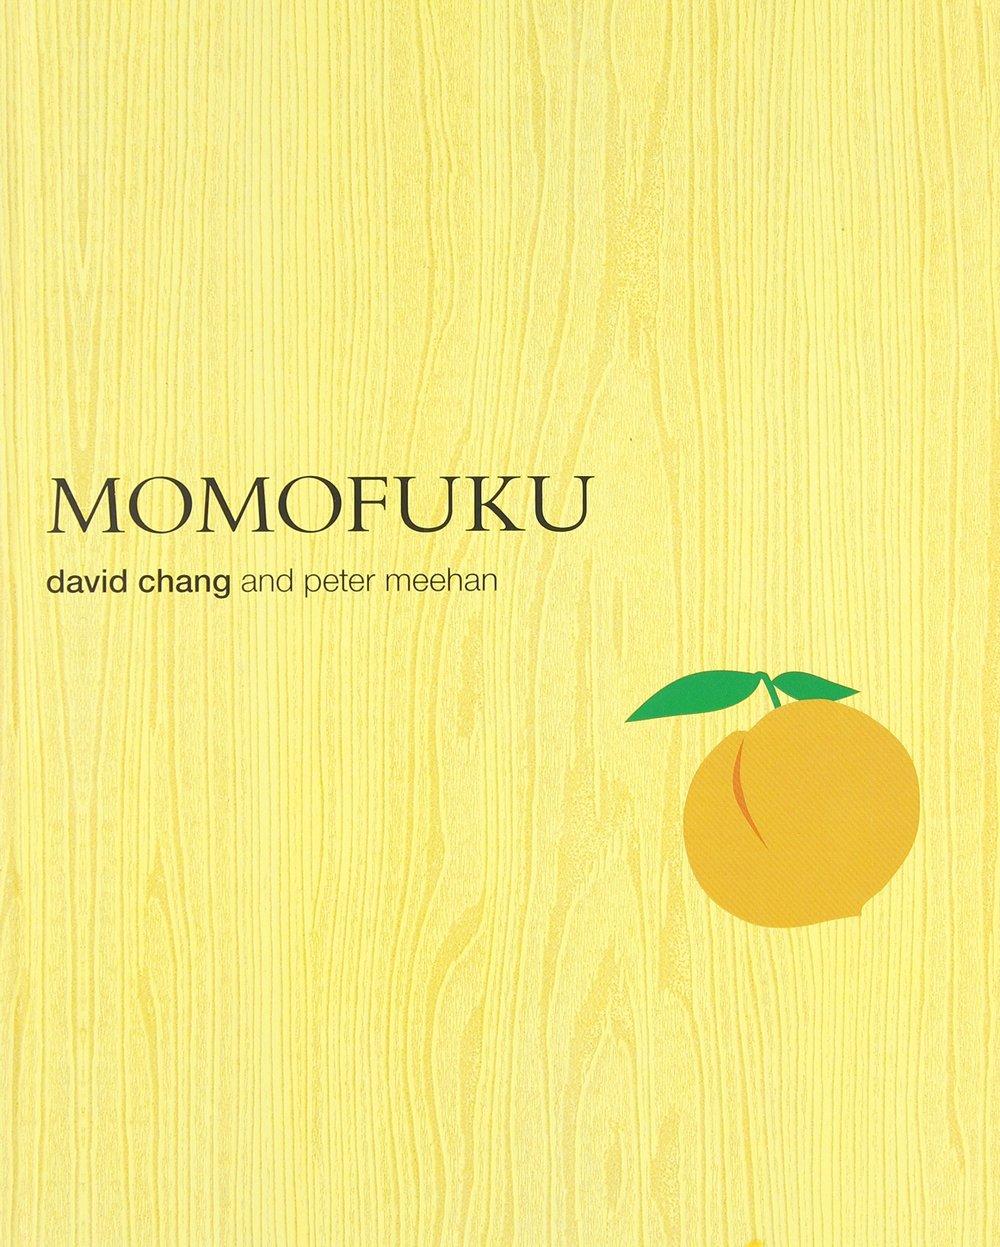 momofuku.jpg